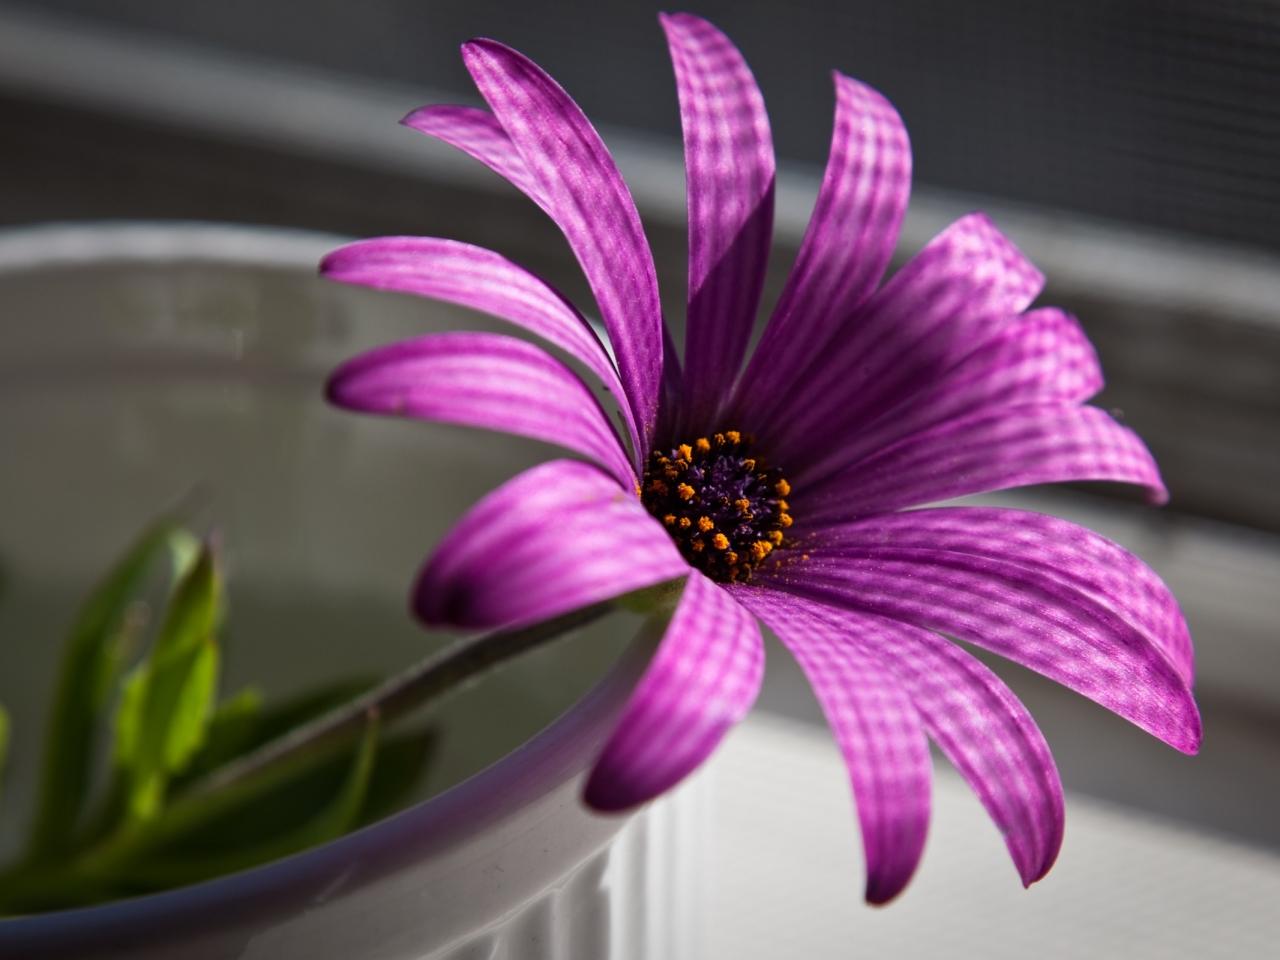 Flor purpura - 1280x960